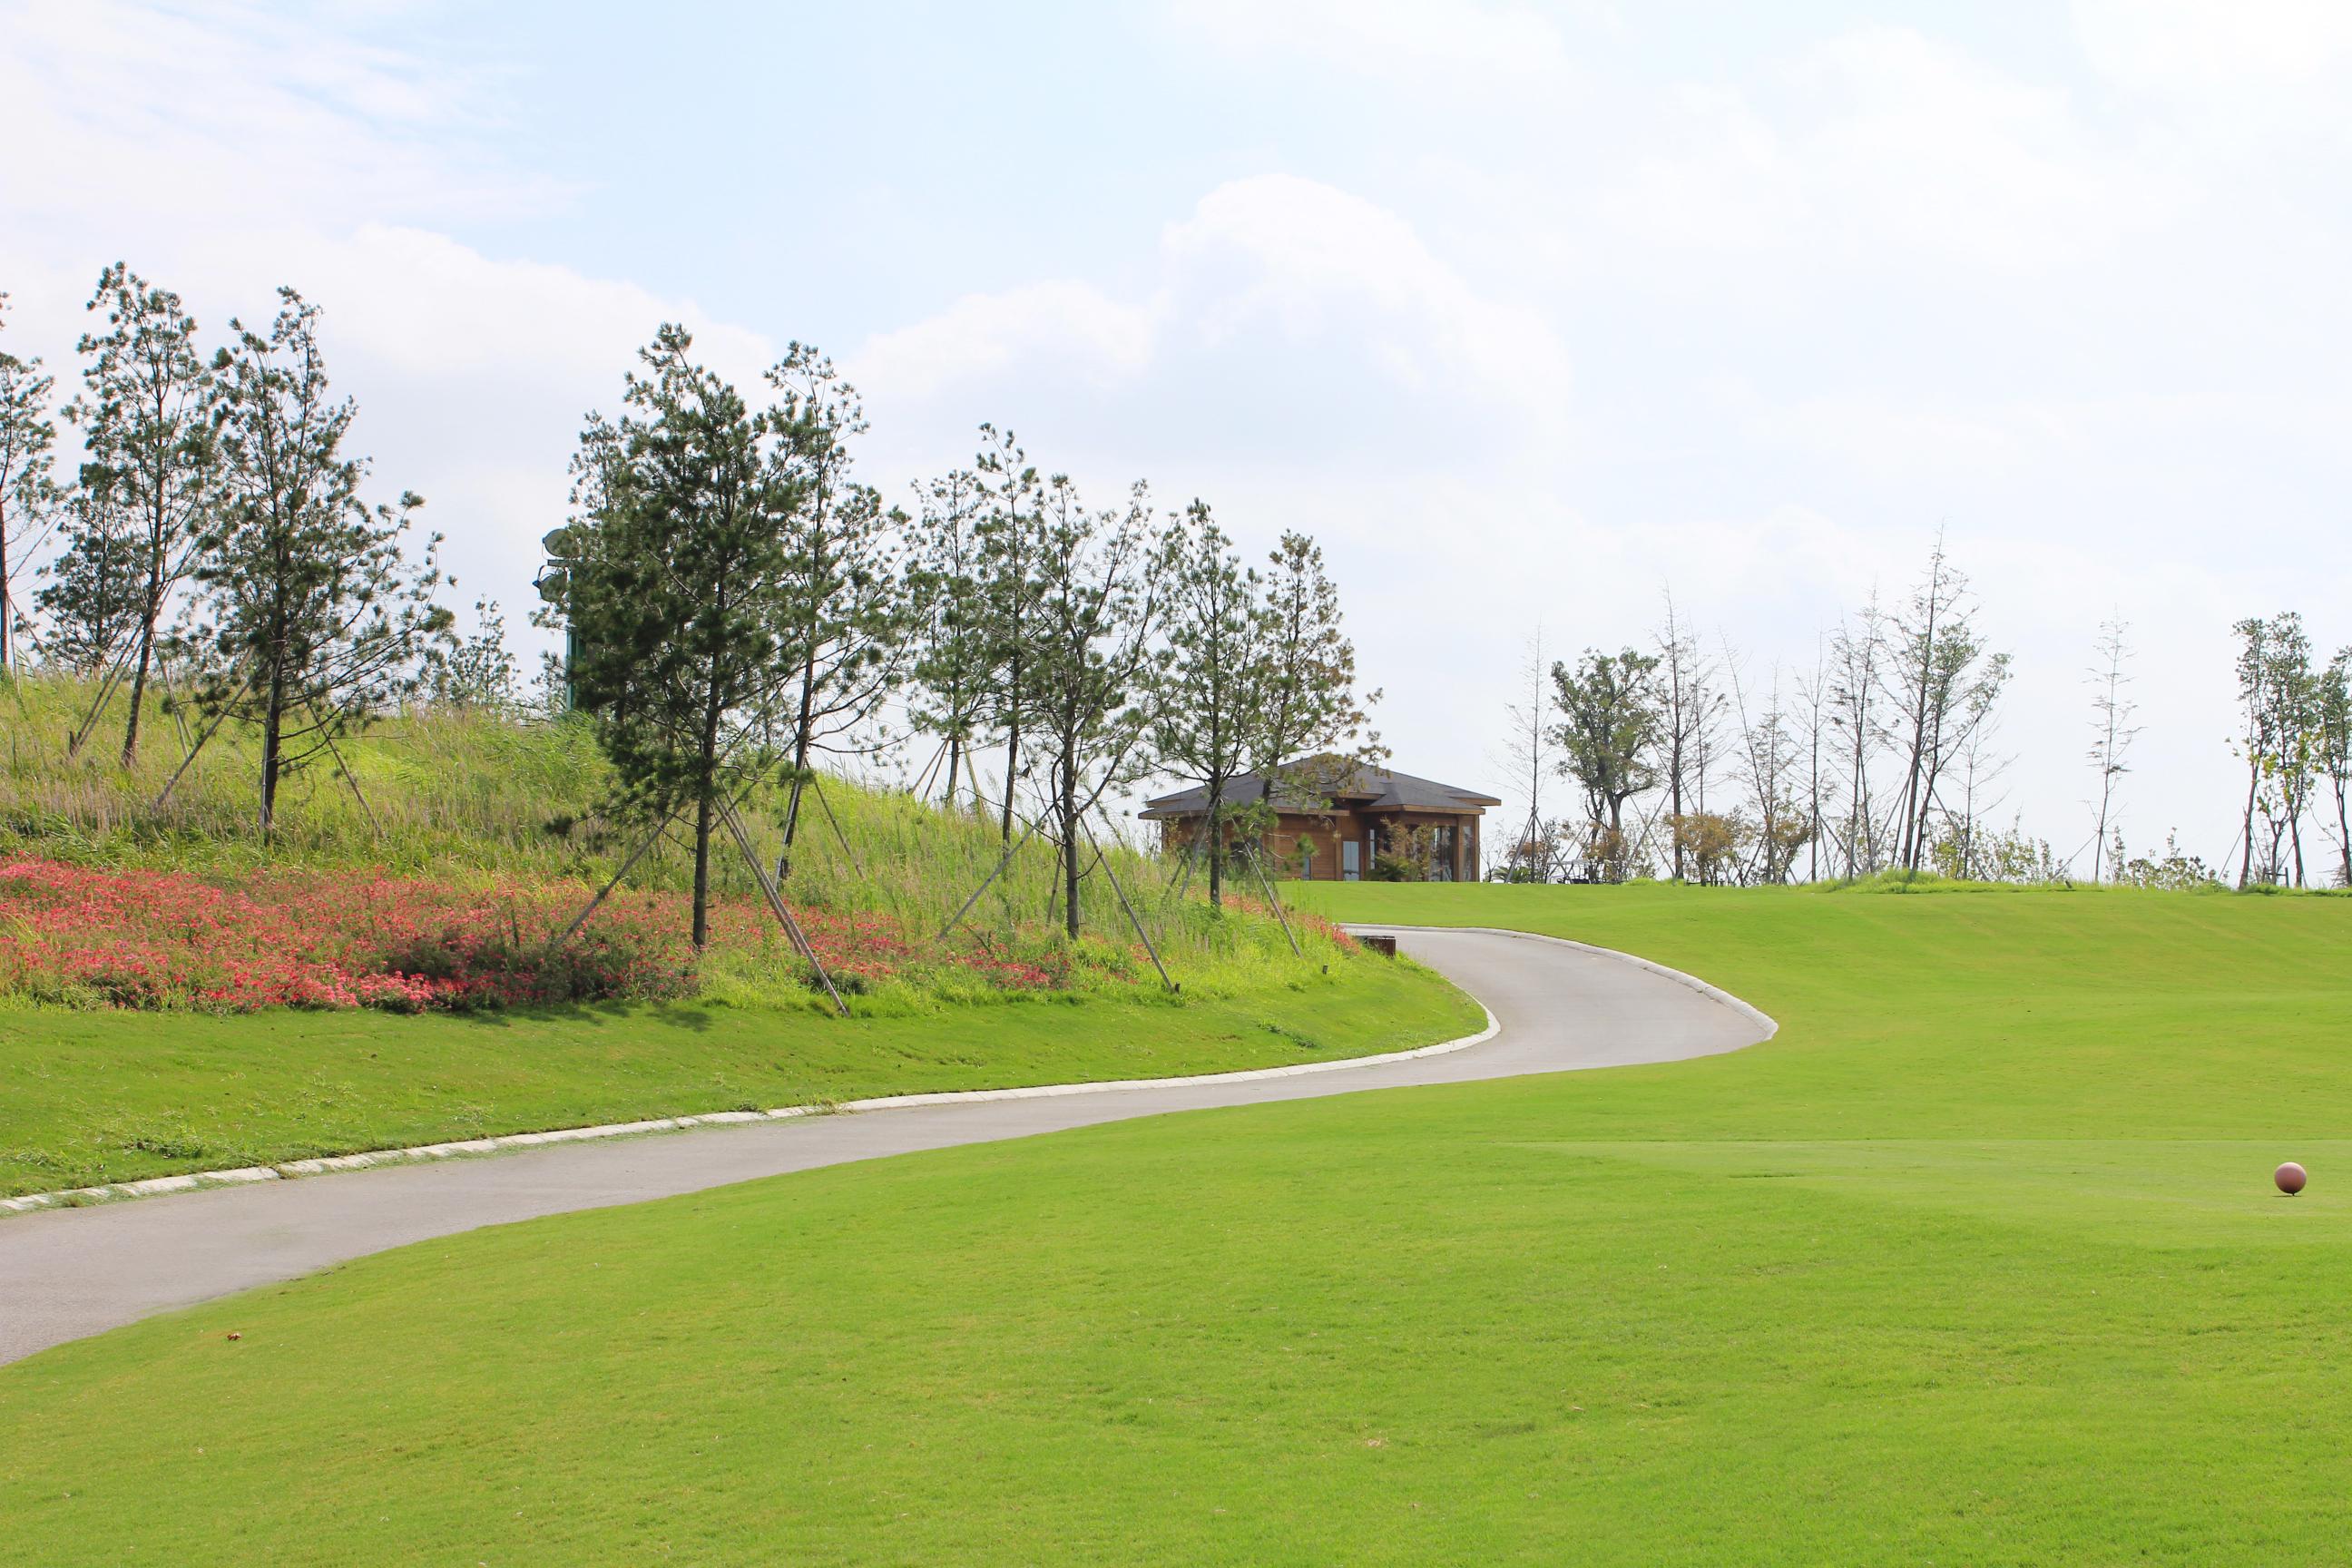 热烈庆祝球包通成功携手常熟高尔夫球场!